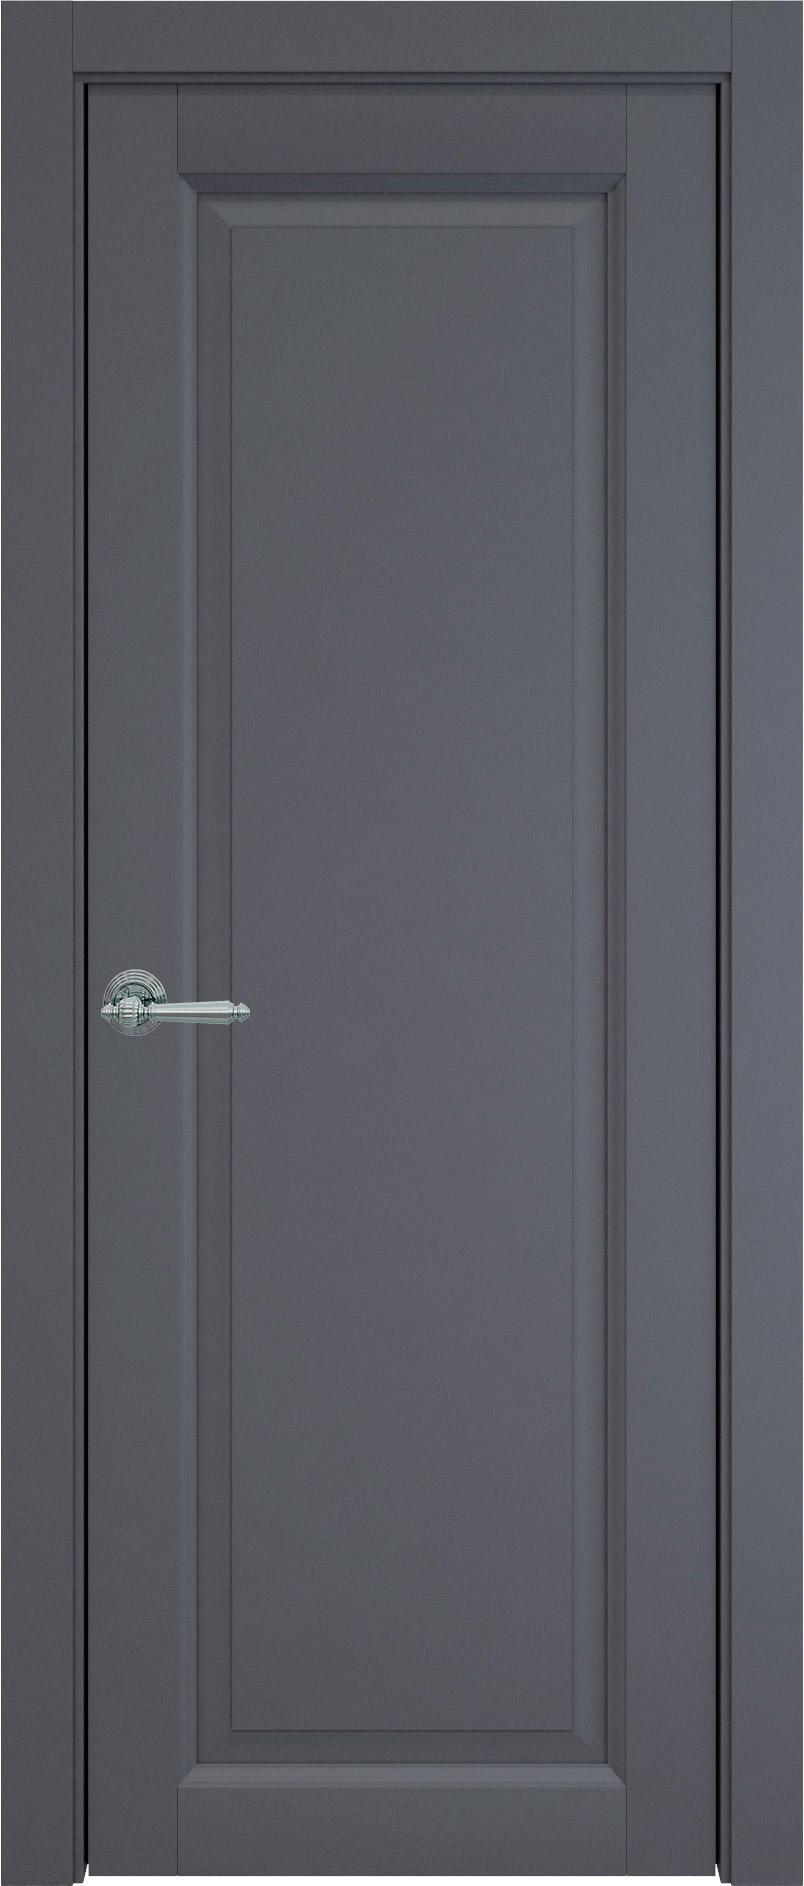 Domenica цвет - Графитово-серая эмаль (RAL 7024) Без стекла (ДГ)